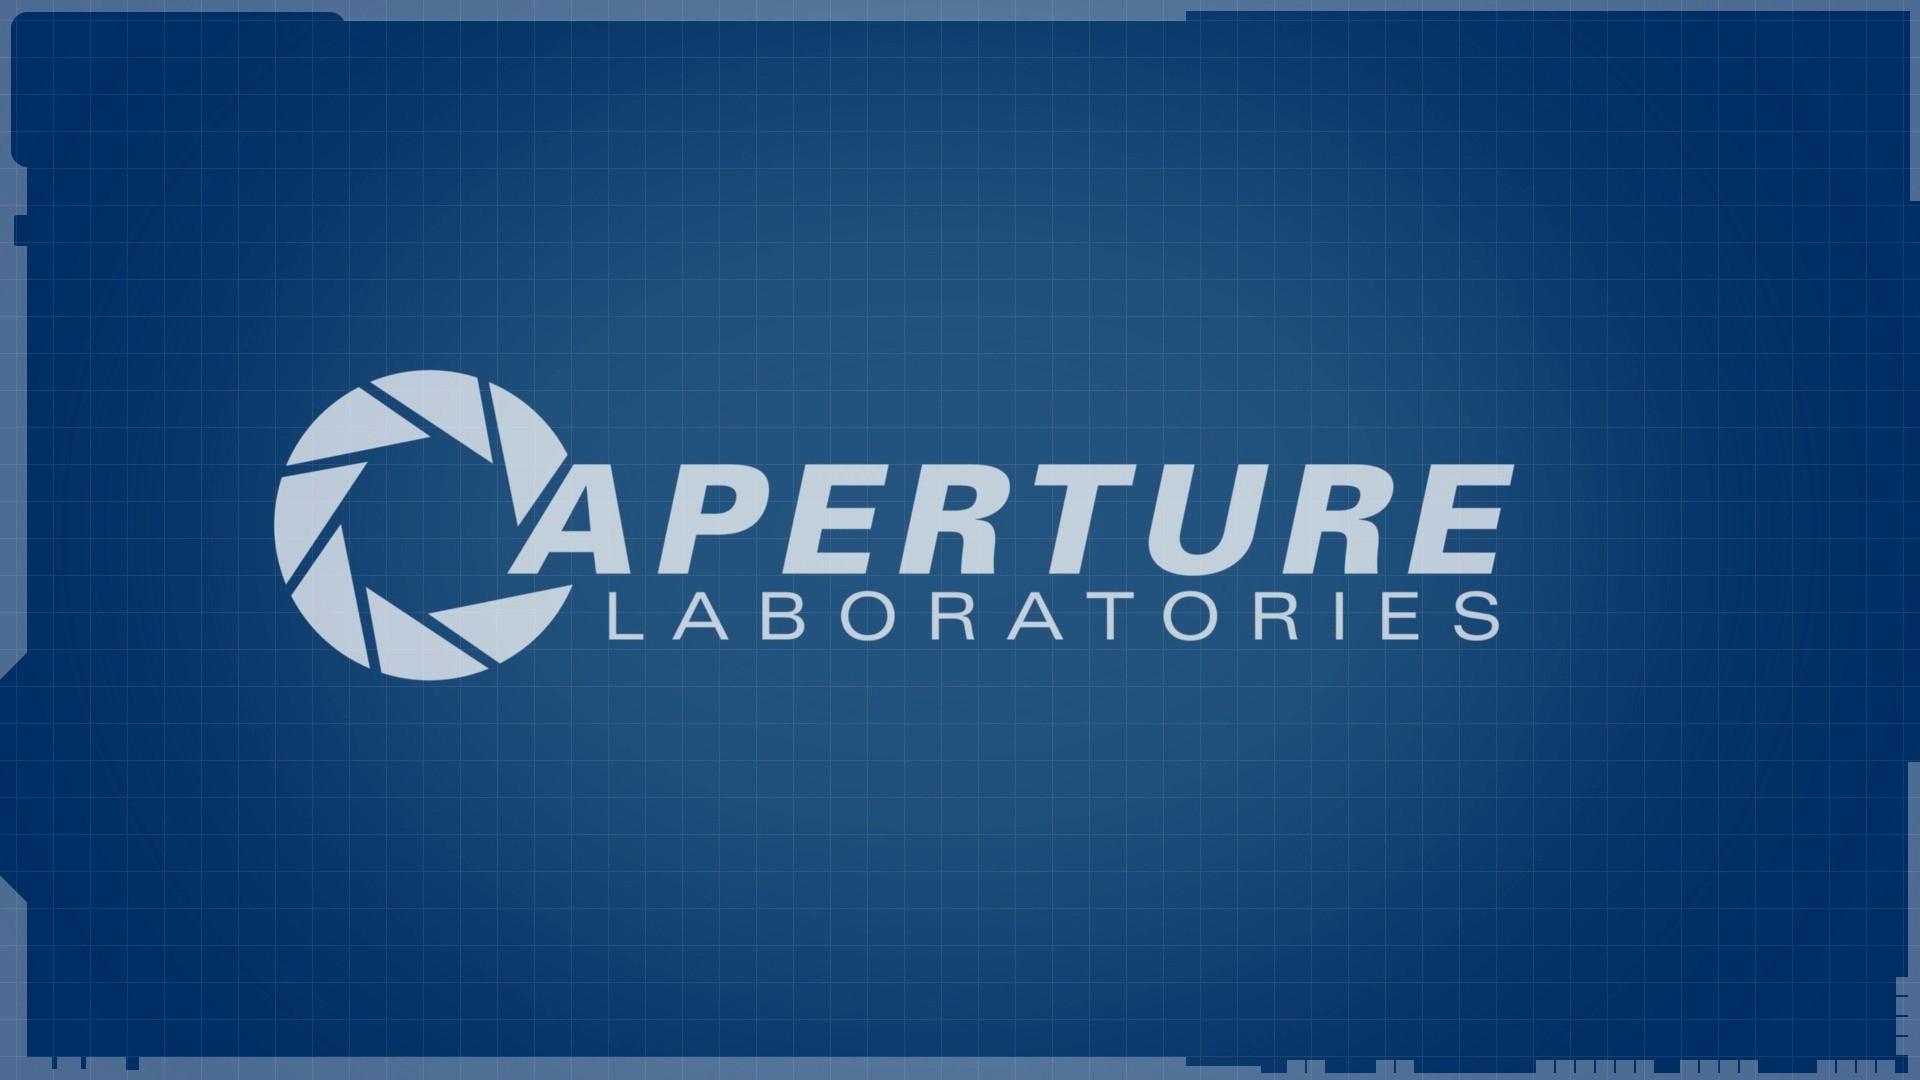 fond d'écran : texte, portail 2, aperture laboratories, marque